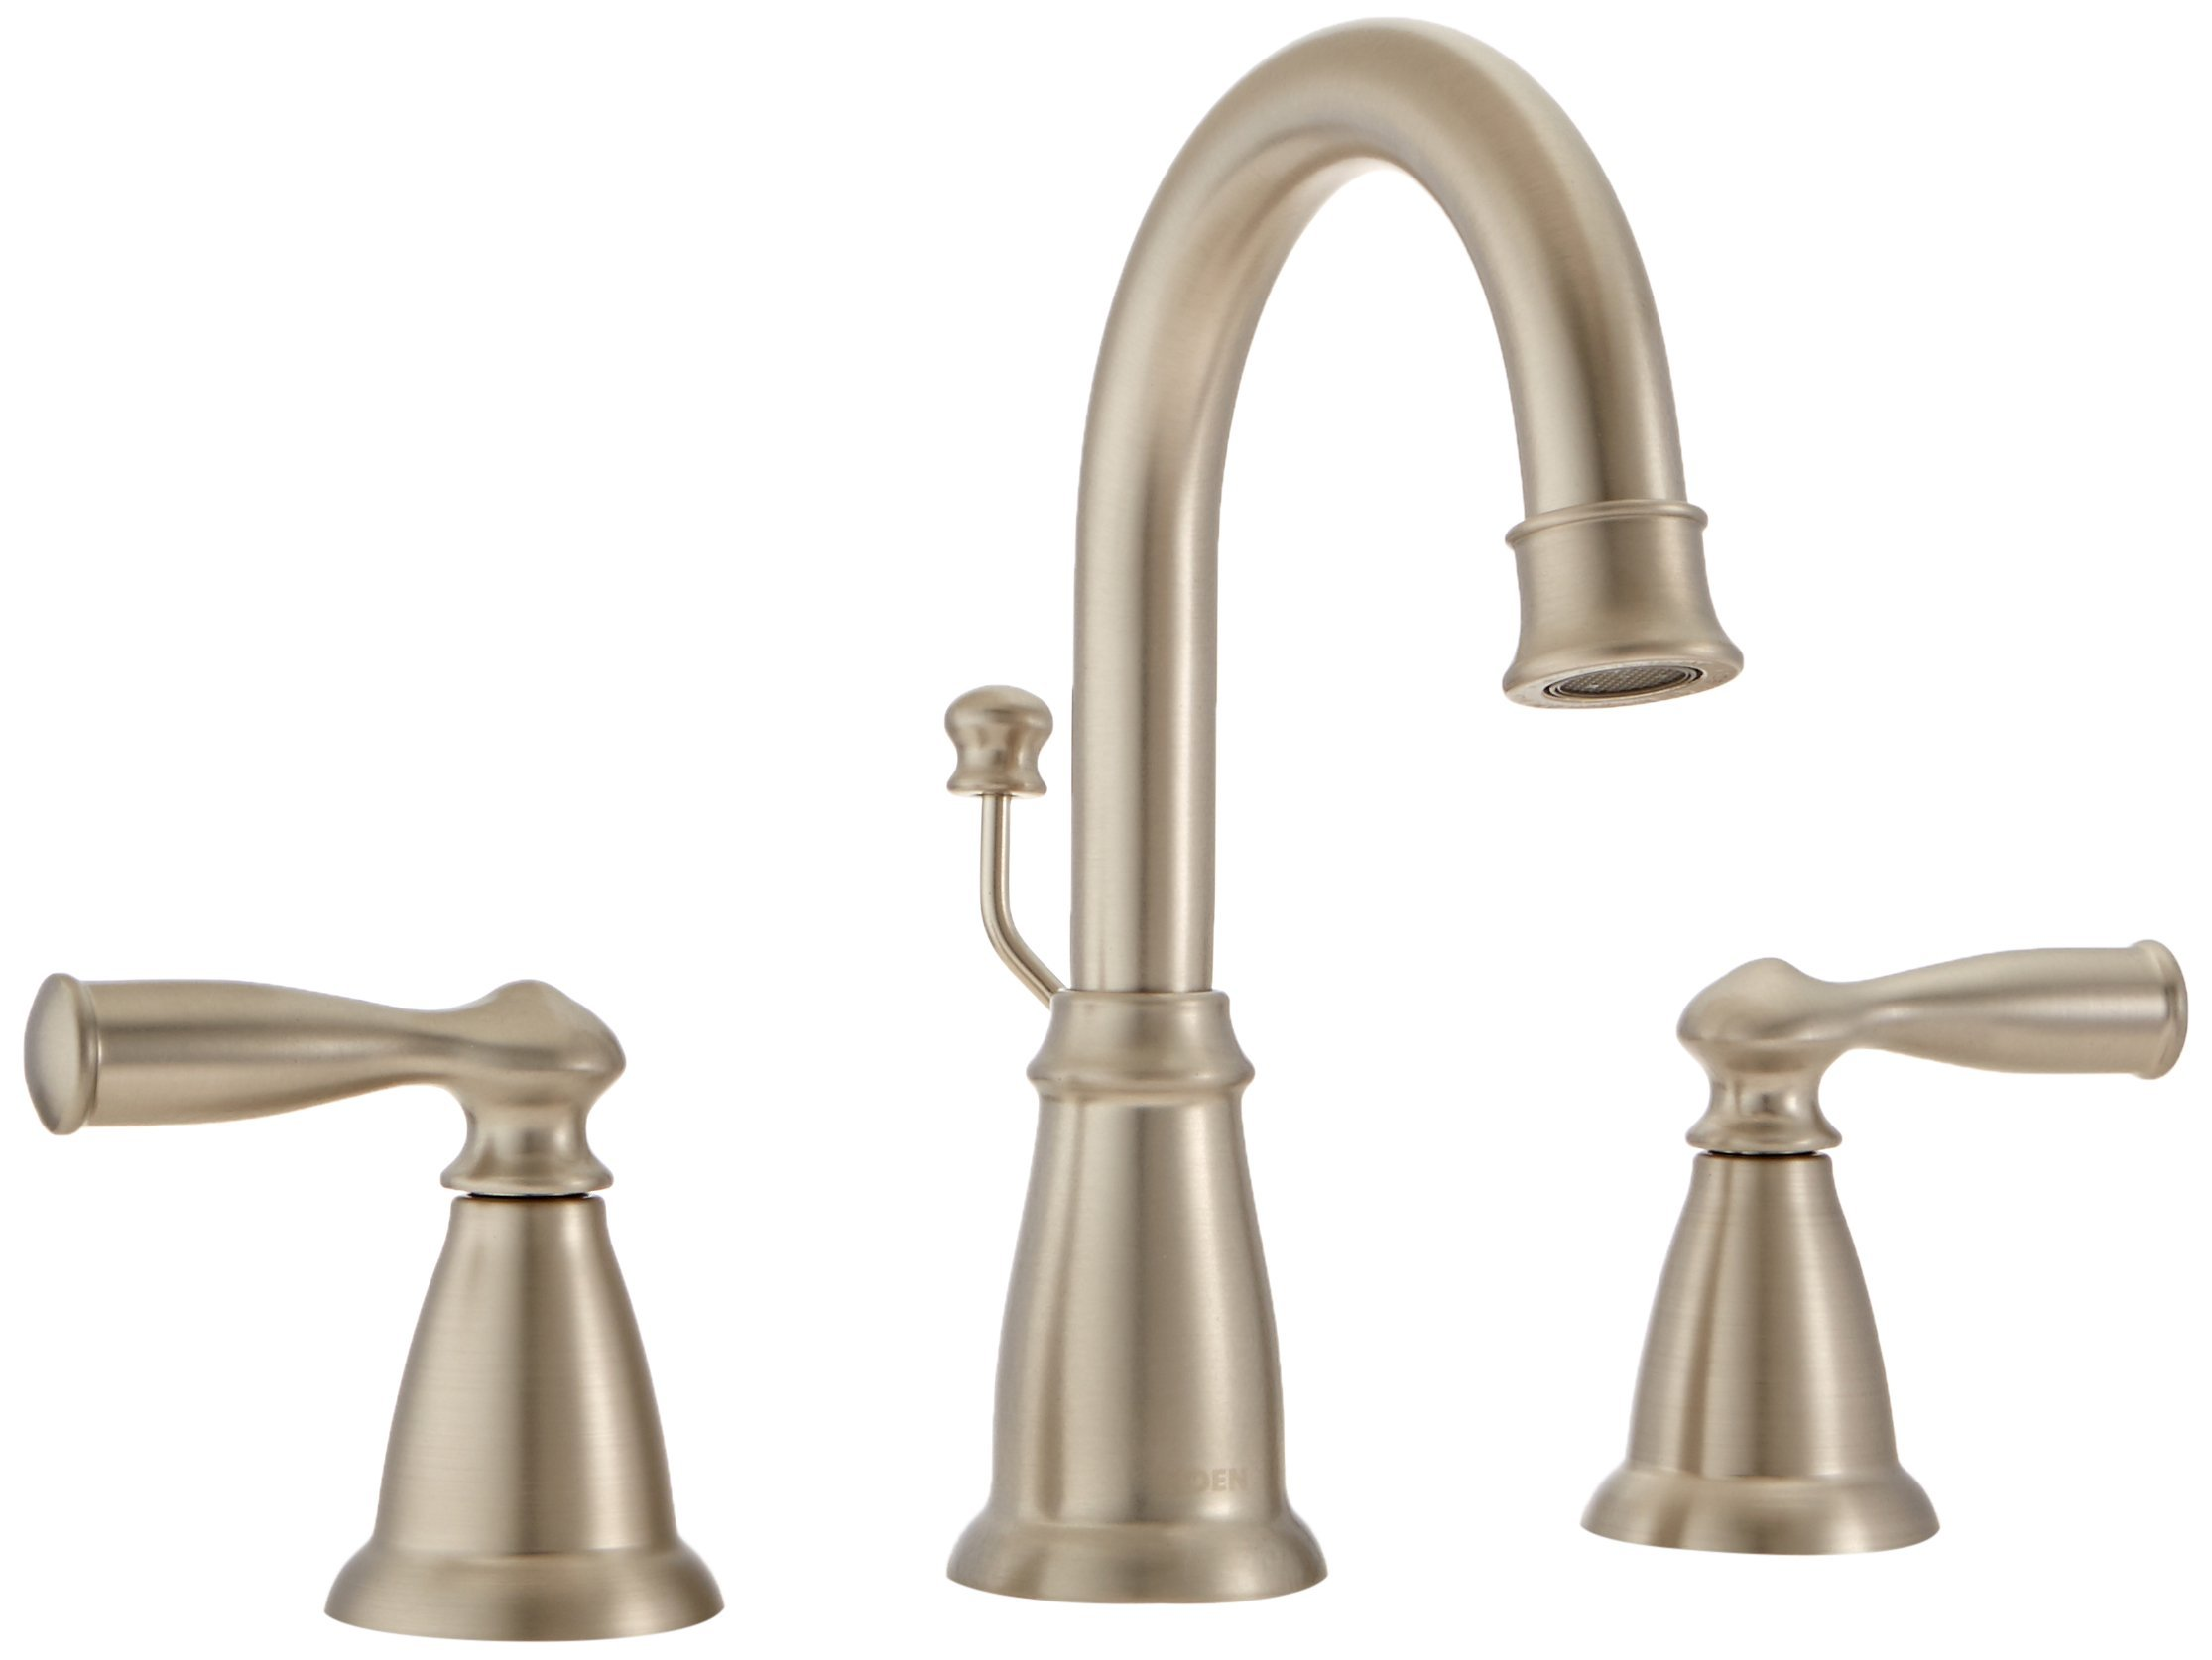 Moen WS84924SRN Two-Handle High Arc Bathroom Faucet, Spot Resist Brushed Nickel